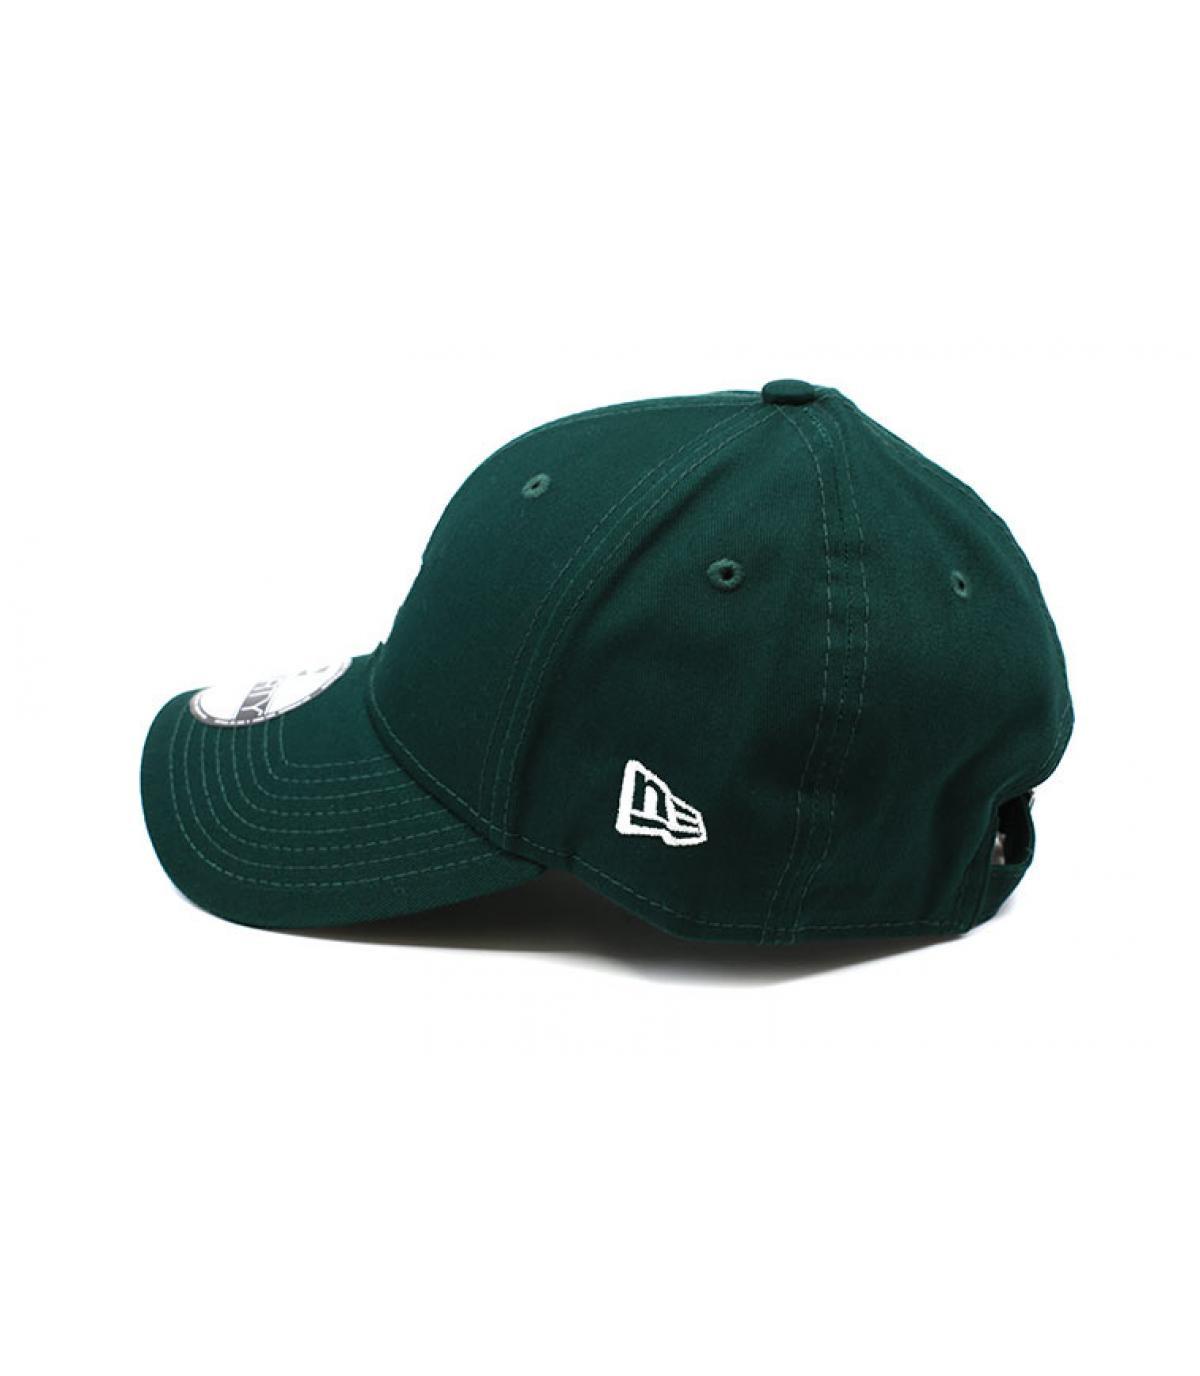 Details Cap League Ess 9Forty LA dark green - Abbildung 4